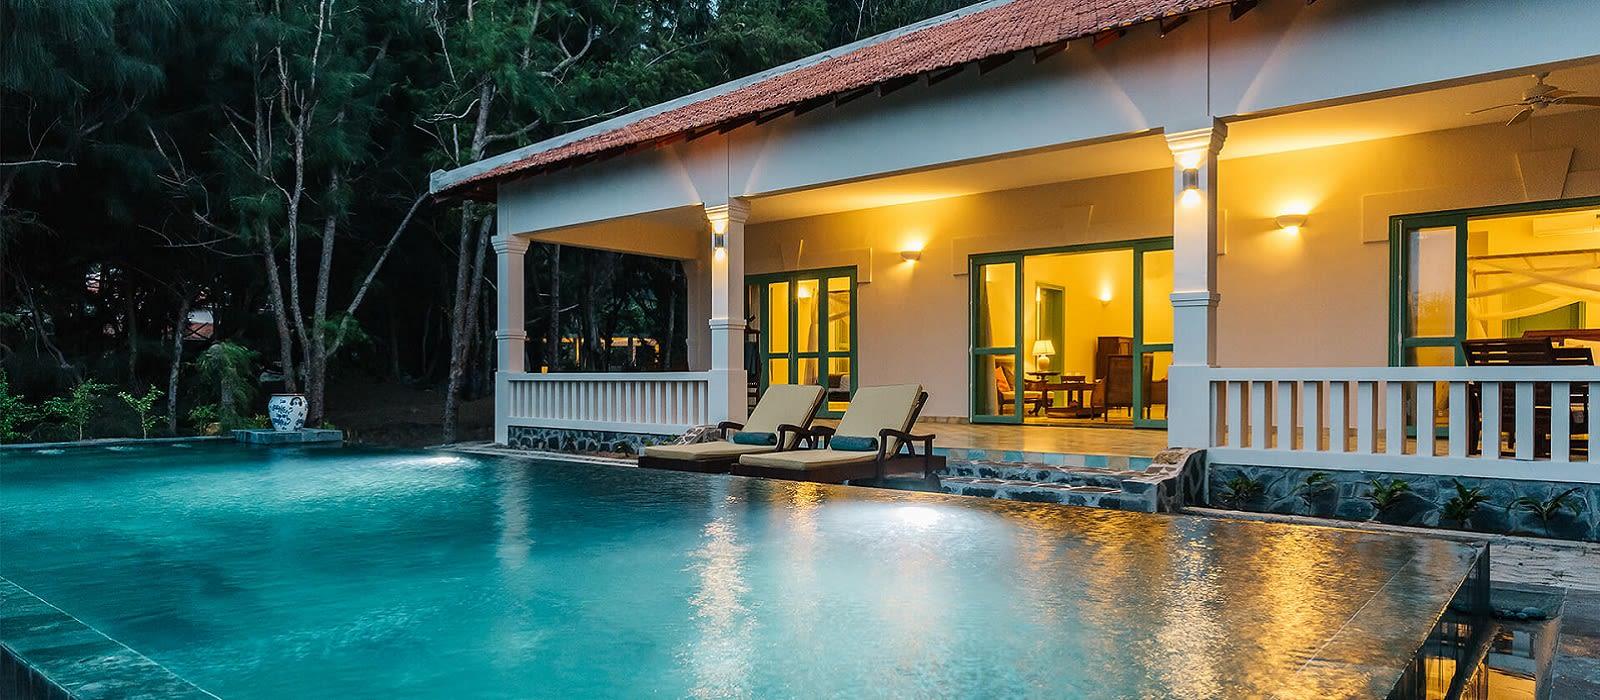 Hotel Poulo Condor Resort and Spa Vietnam